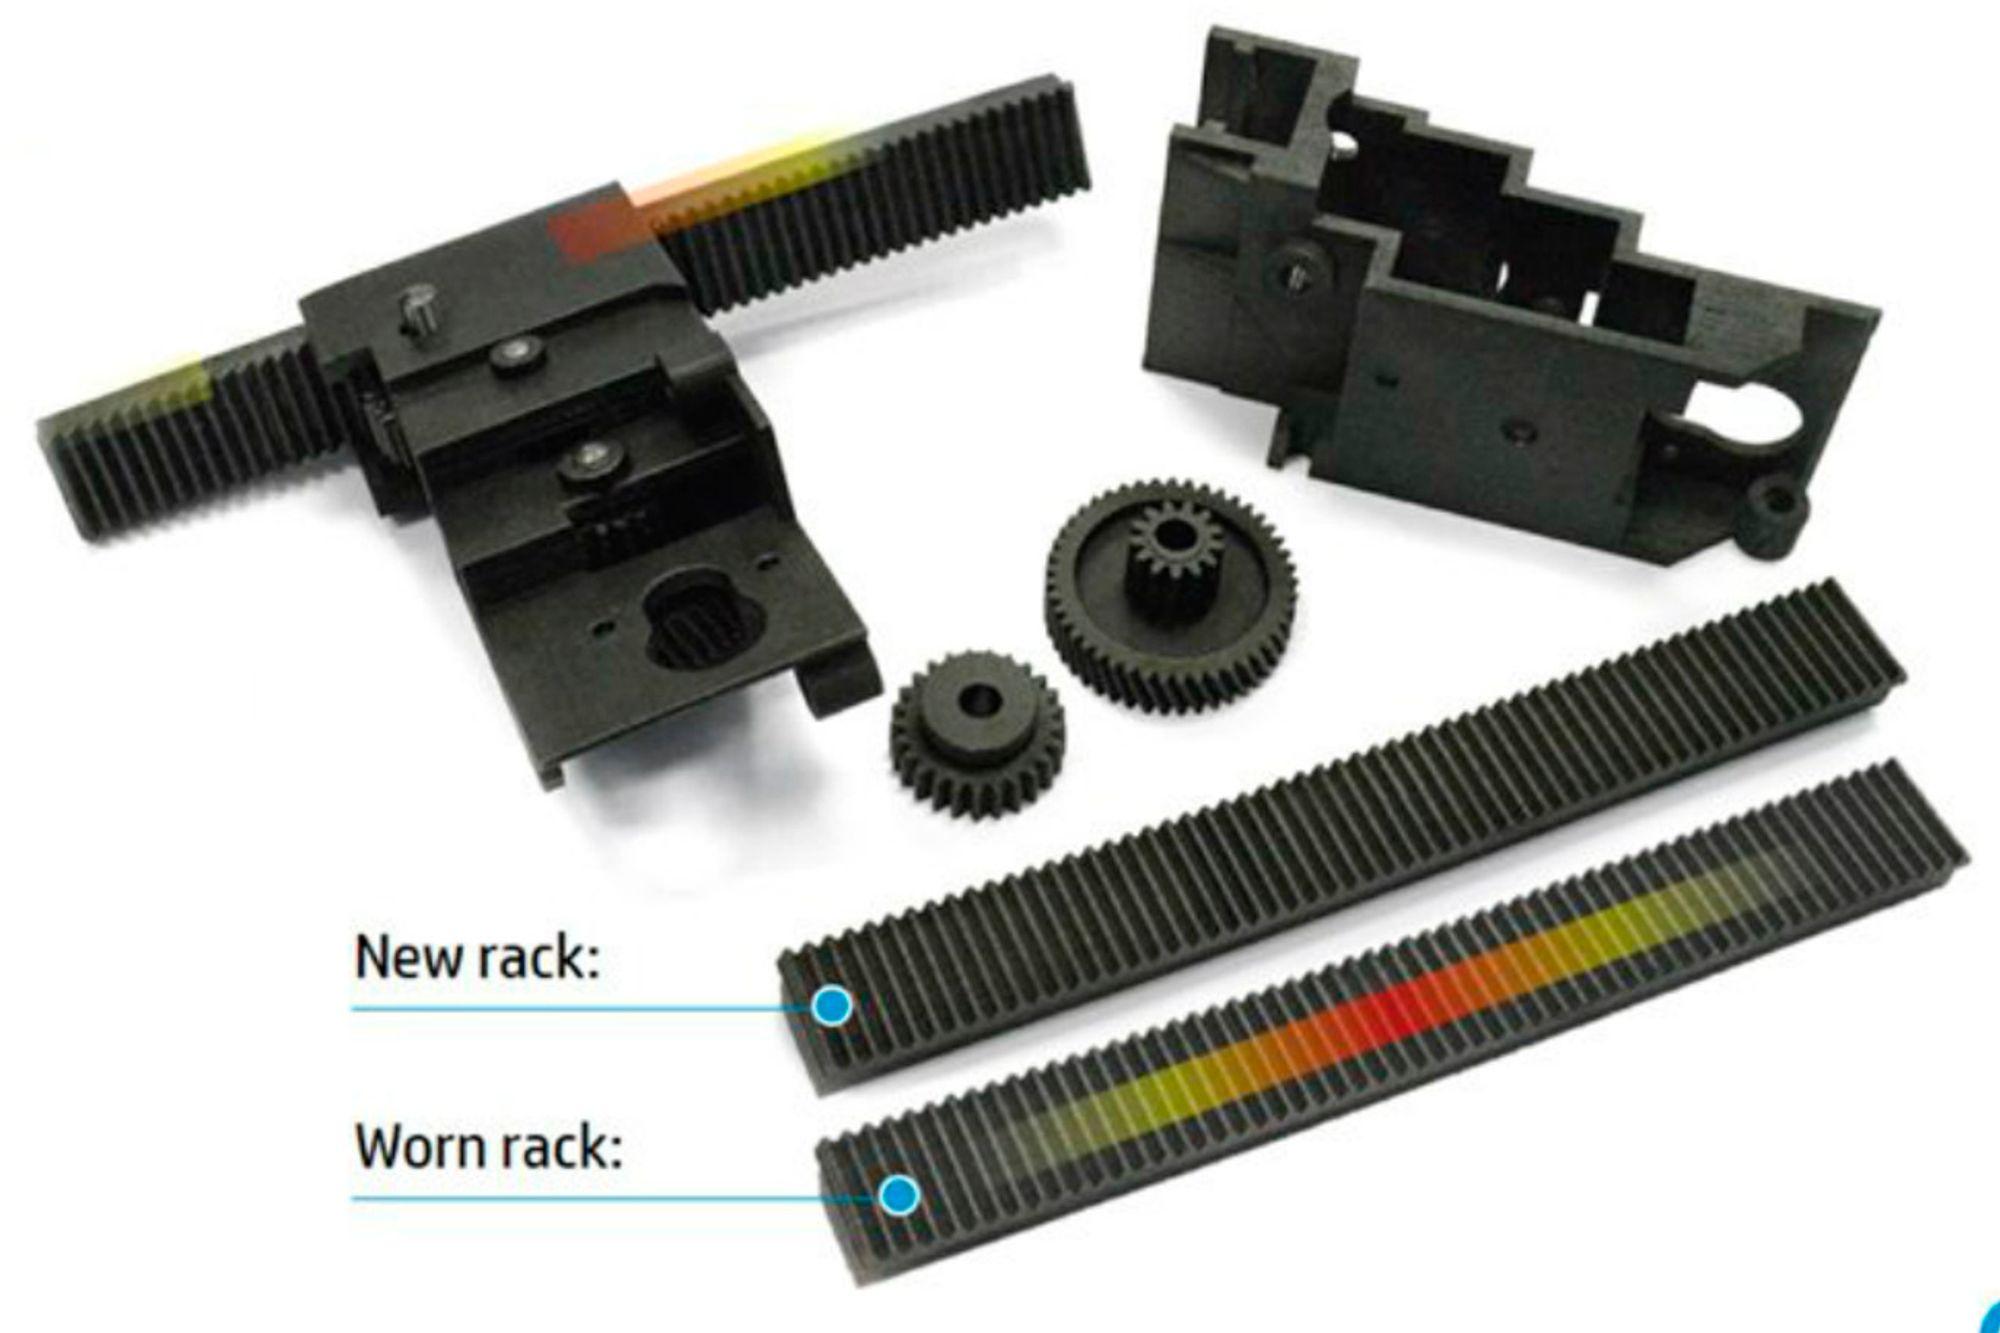 Slitasjevarsel: Ved å printe farge inn i produkter slik som en tannstang kan man tydelig se når det øverste laget er slitt bort.